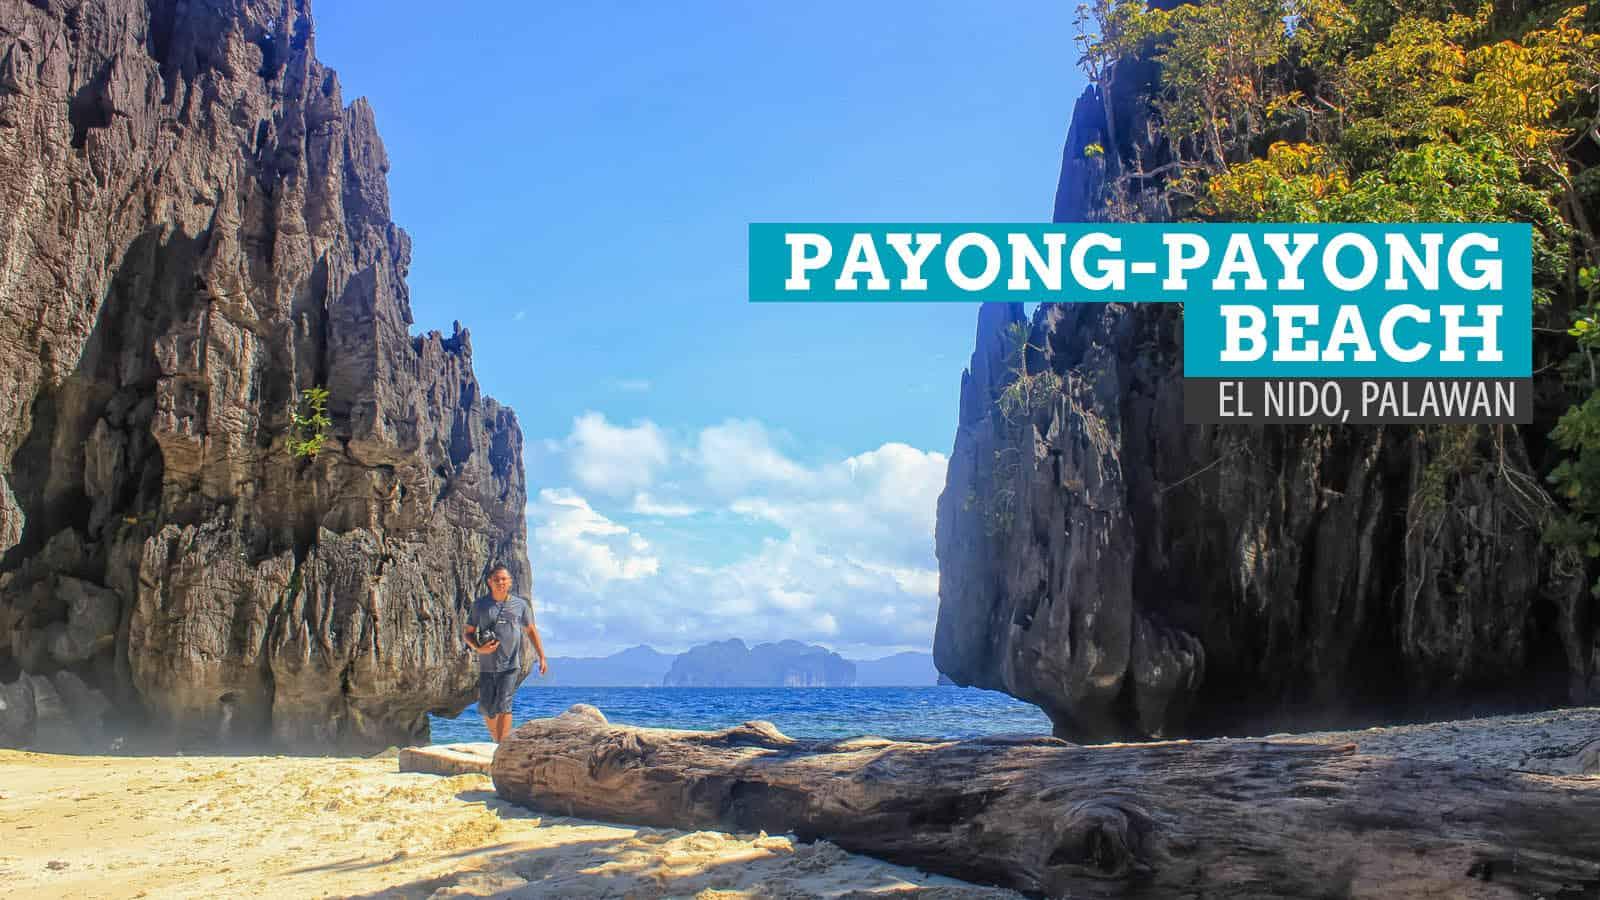 El Nido, Palawan:在Payong-Payong海滩交朋友   穷游者的行程博客